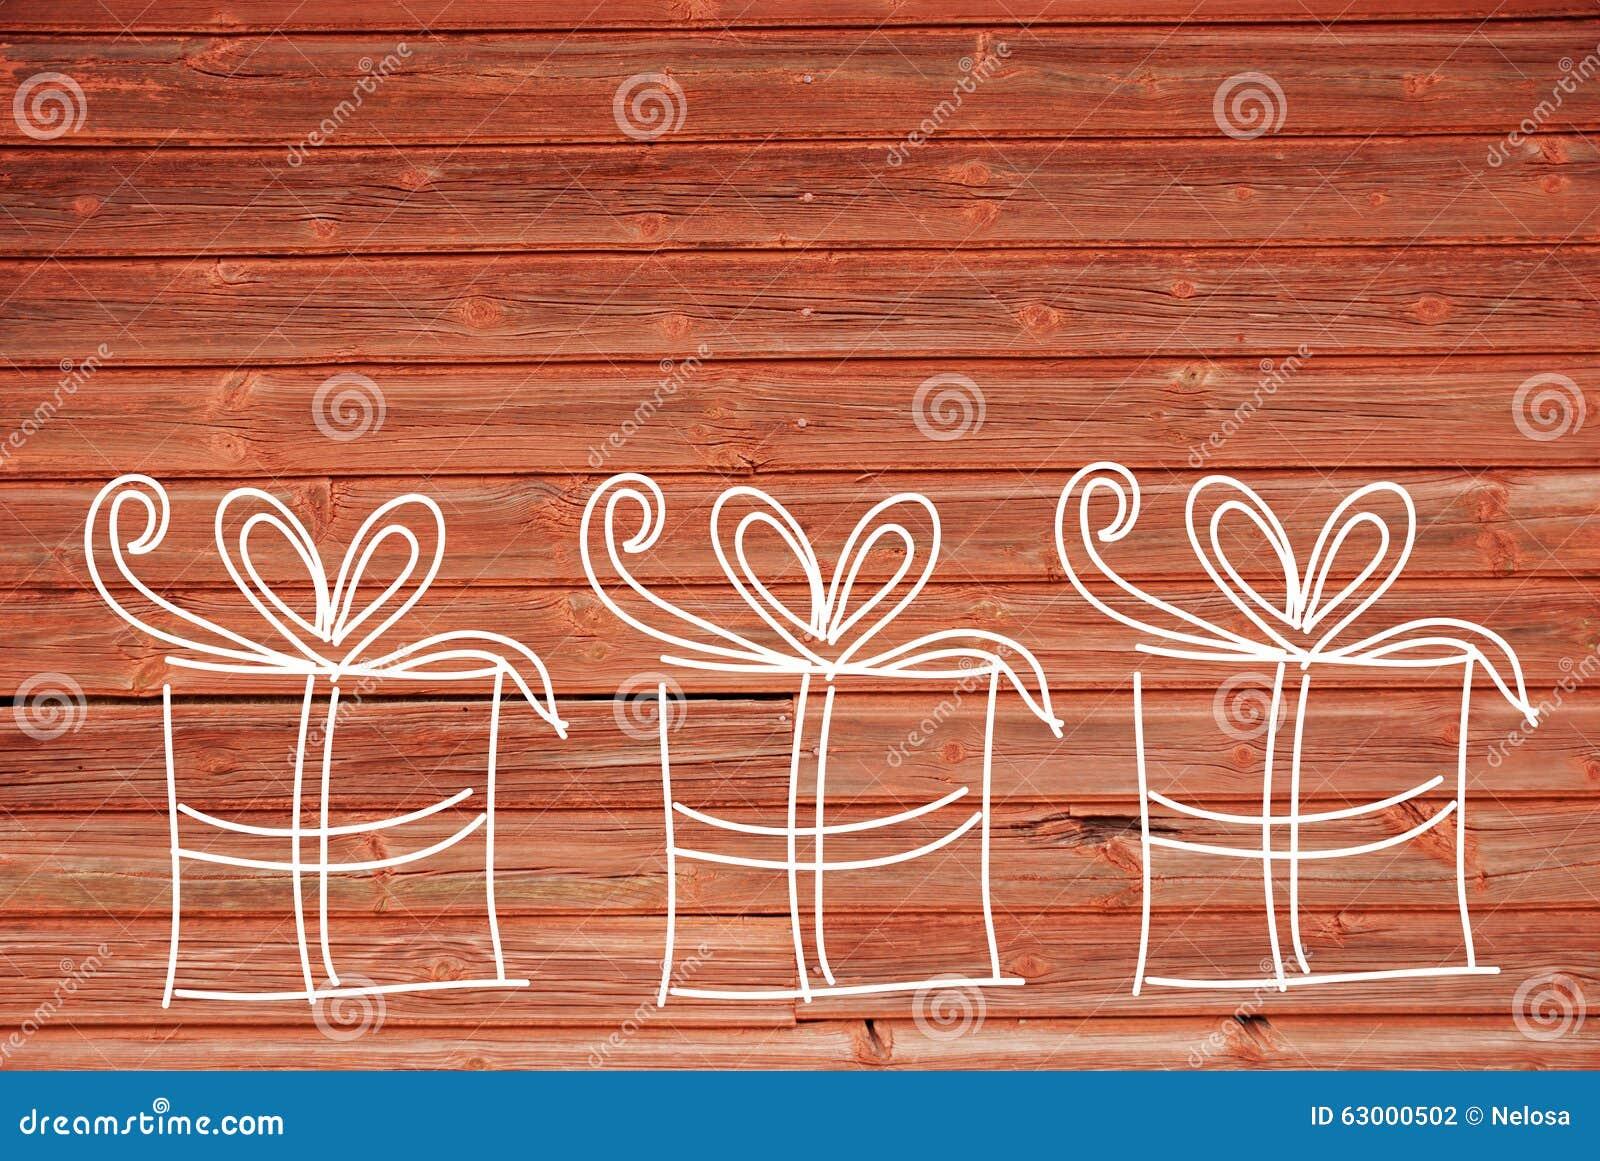 De conceptenillustratie van drie giften kopieert ruimte houten achtergrond stock illustratie - Ruimte model kamer houten ...